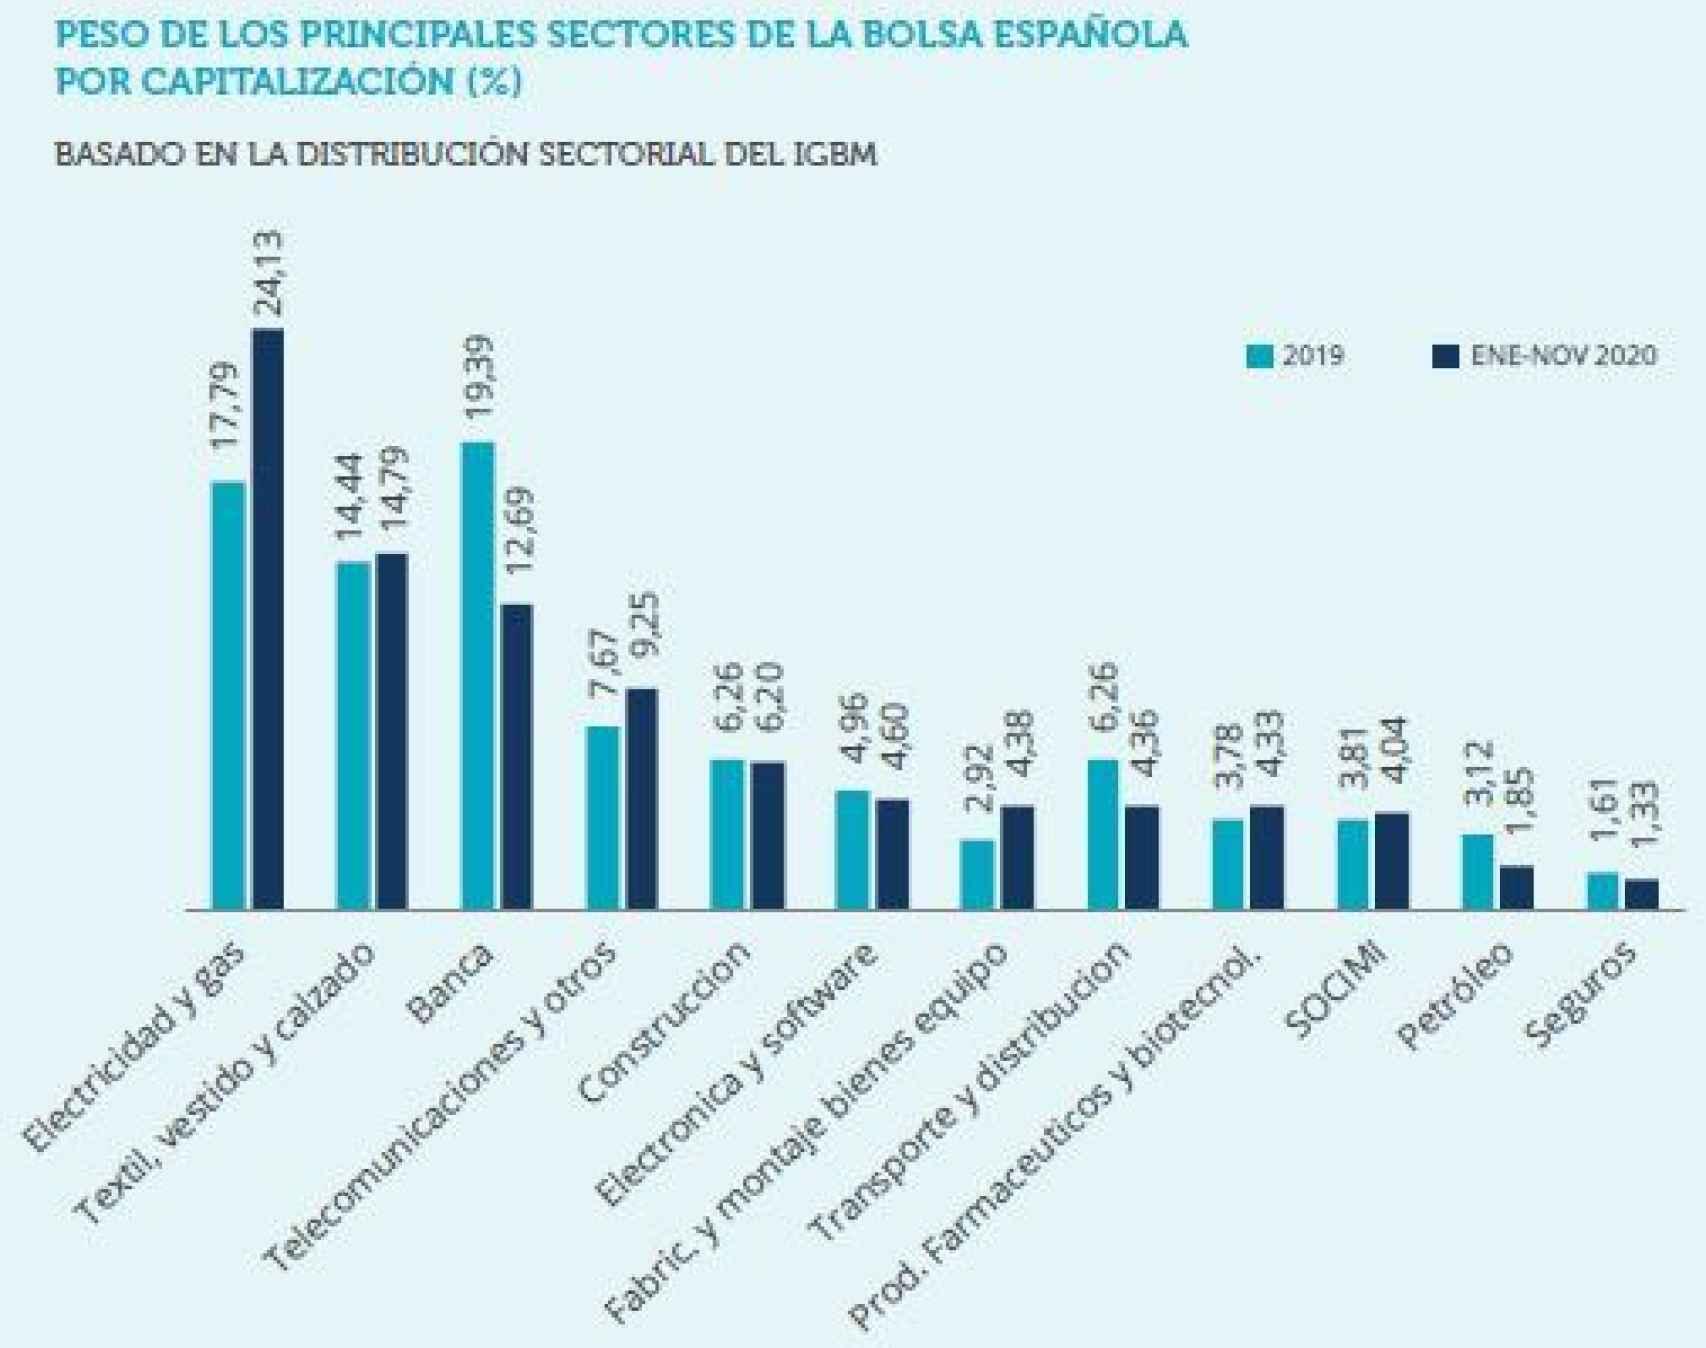 Peso de los distintos sectores corporativos en la bolsa española.